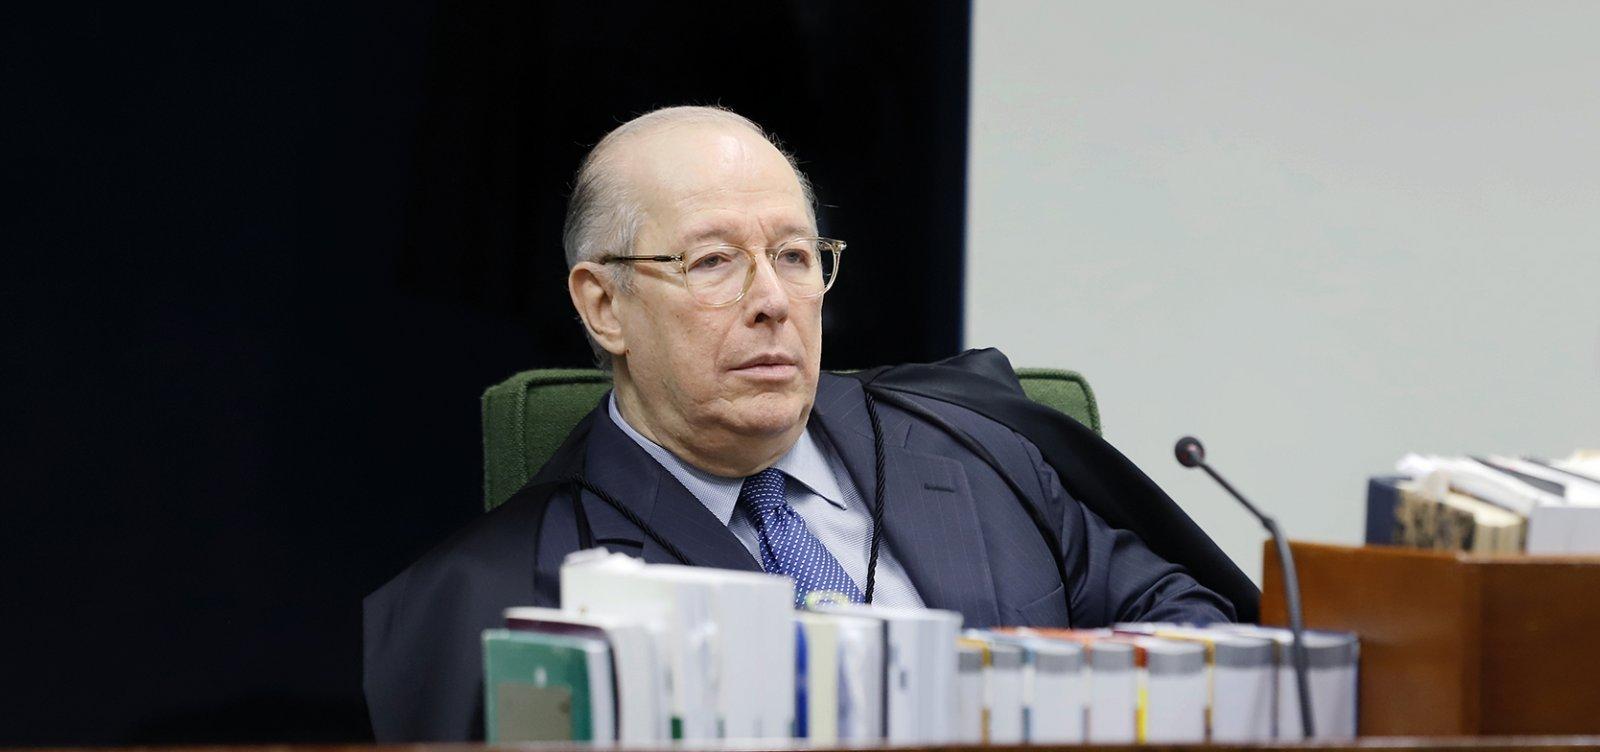 [STF prorroga por 30 dias inquérito sobre suposta interferência de Bolsonaro na PF]